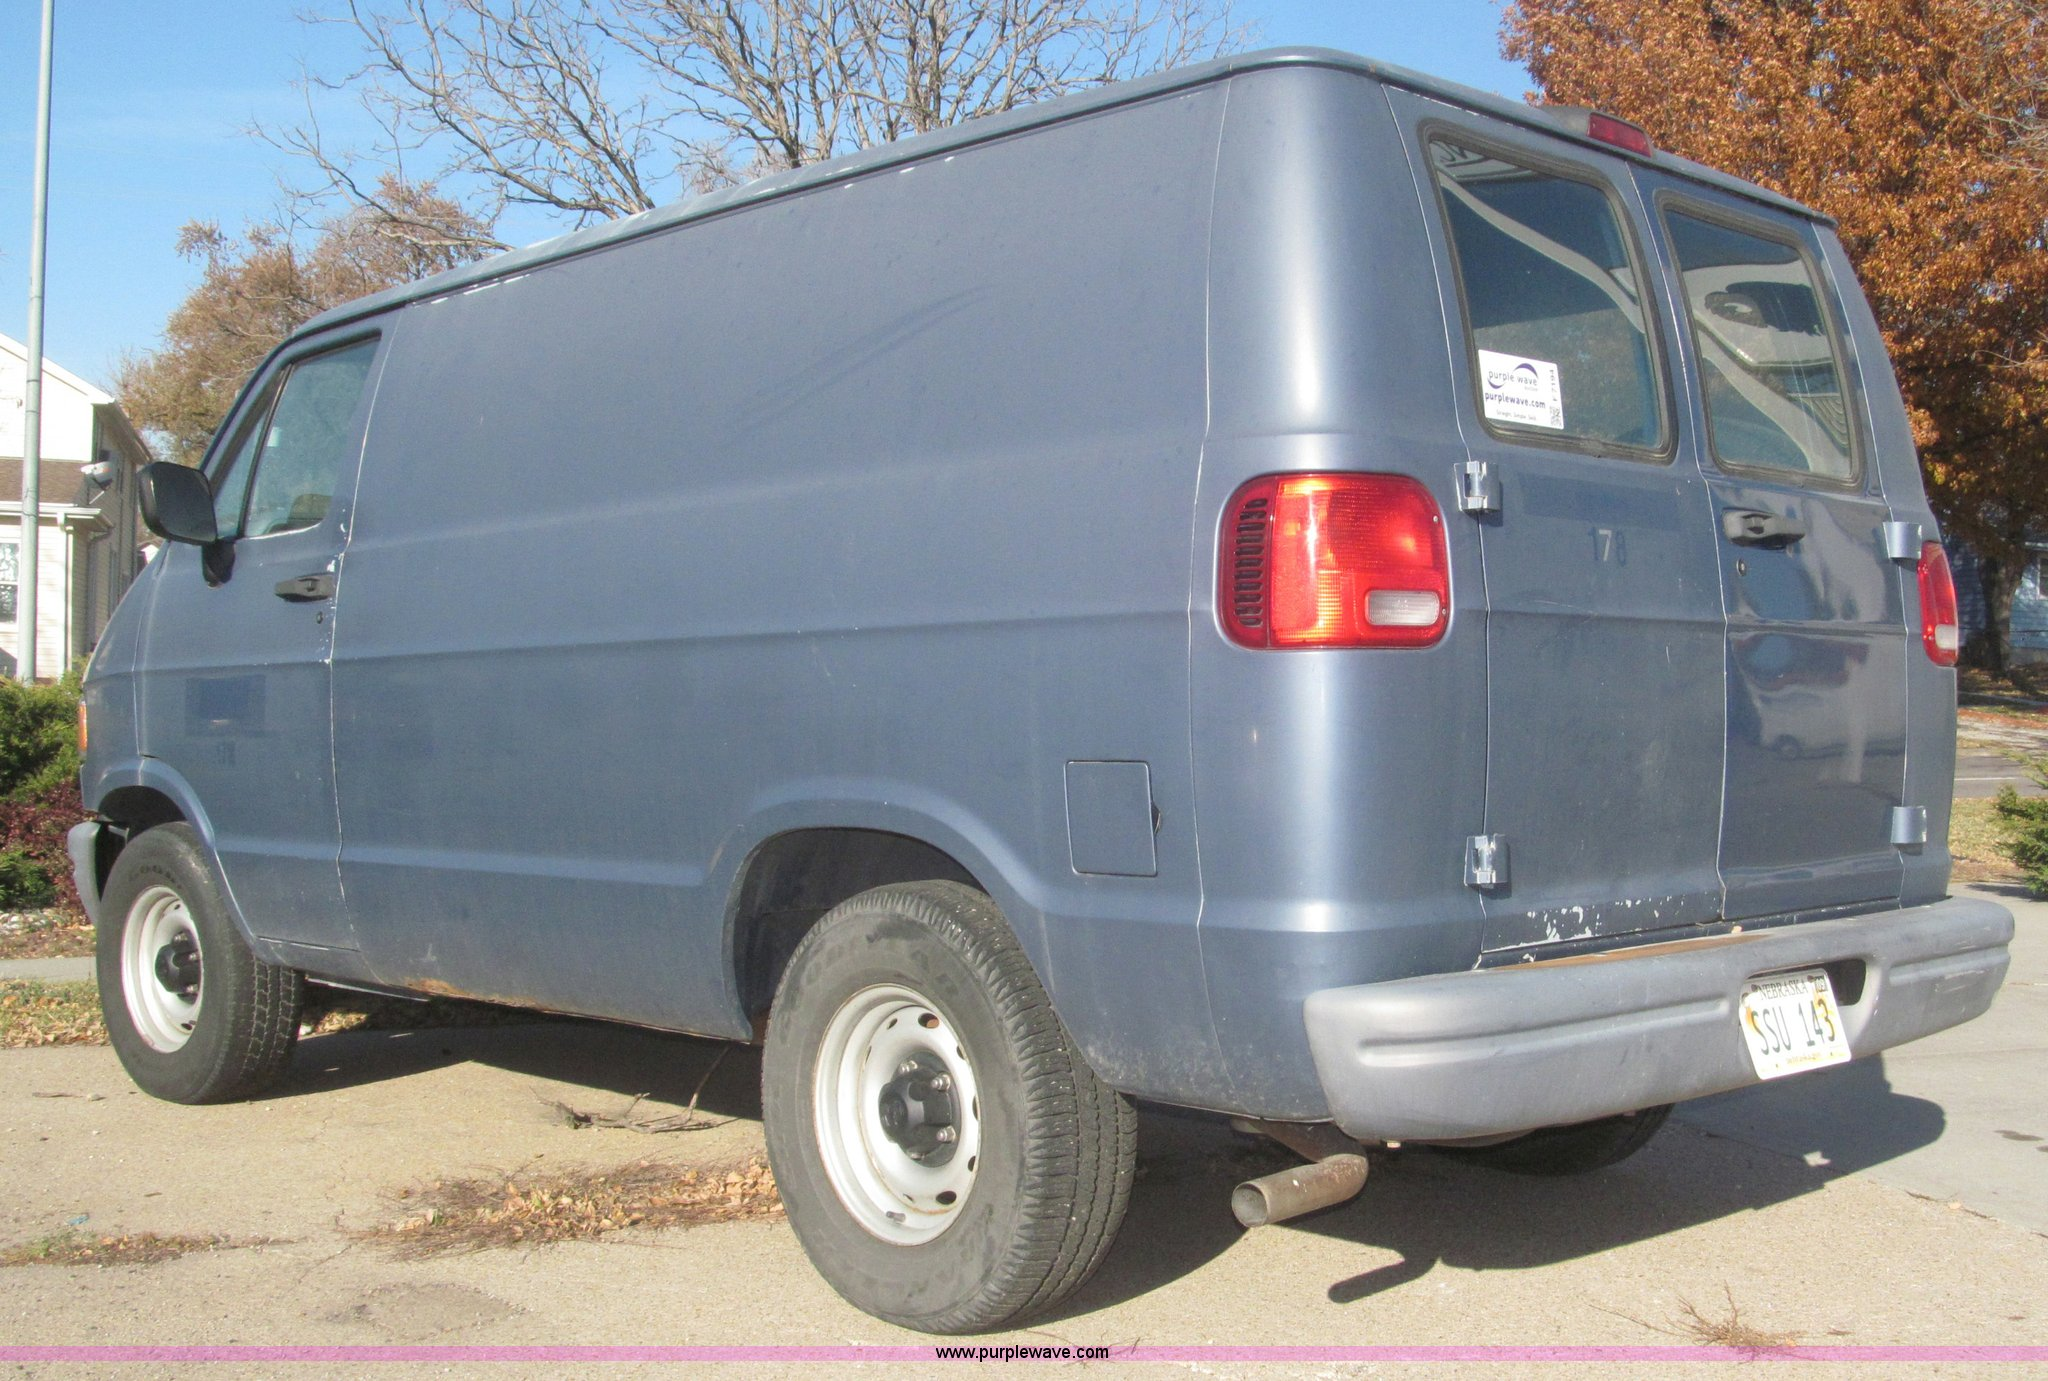 ... 1997 Dodge Ram Van 1500 cargo van Full size in new window ...